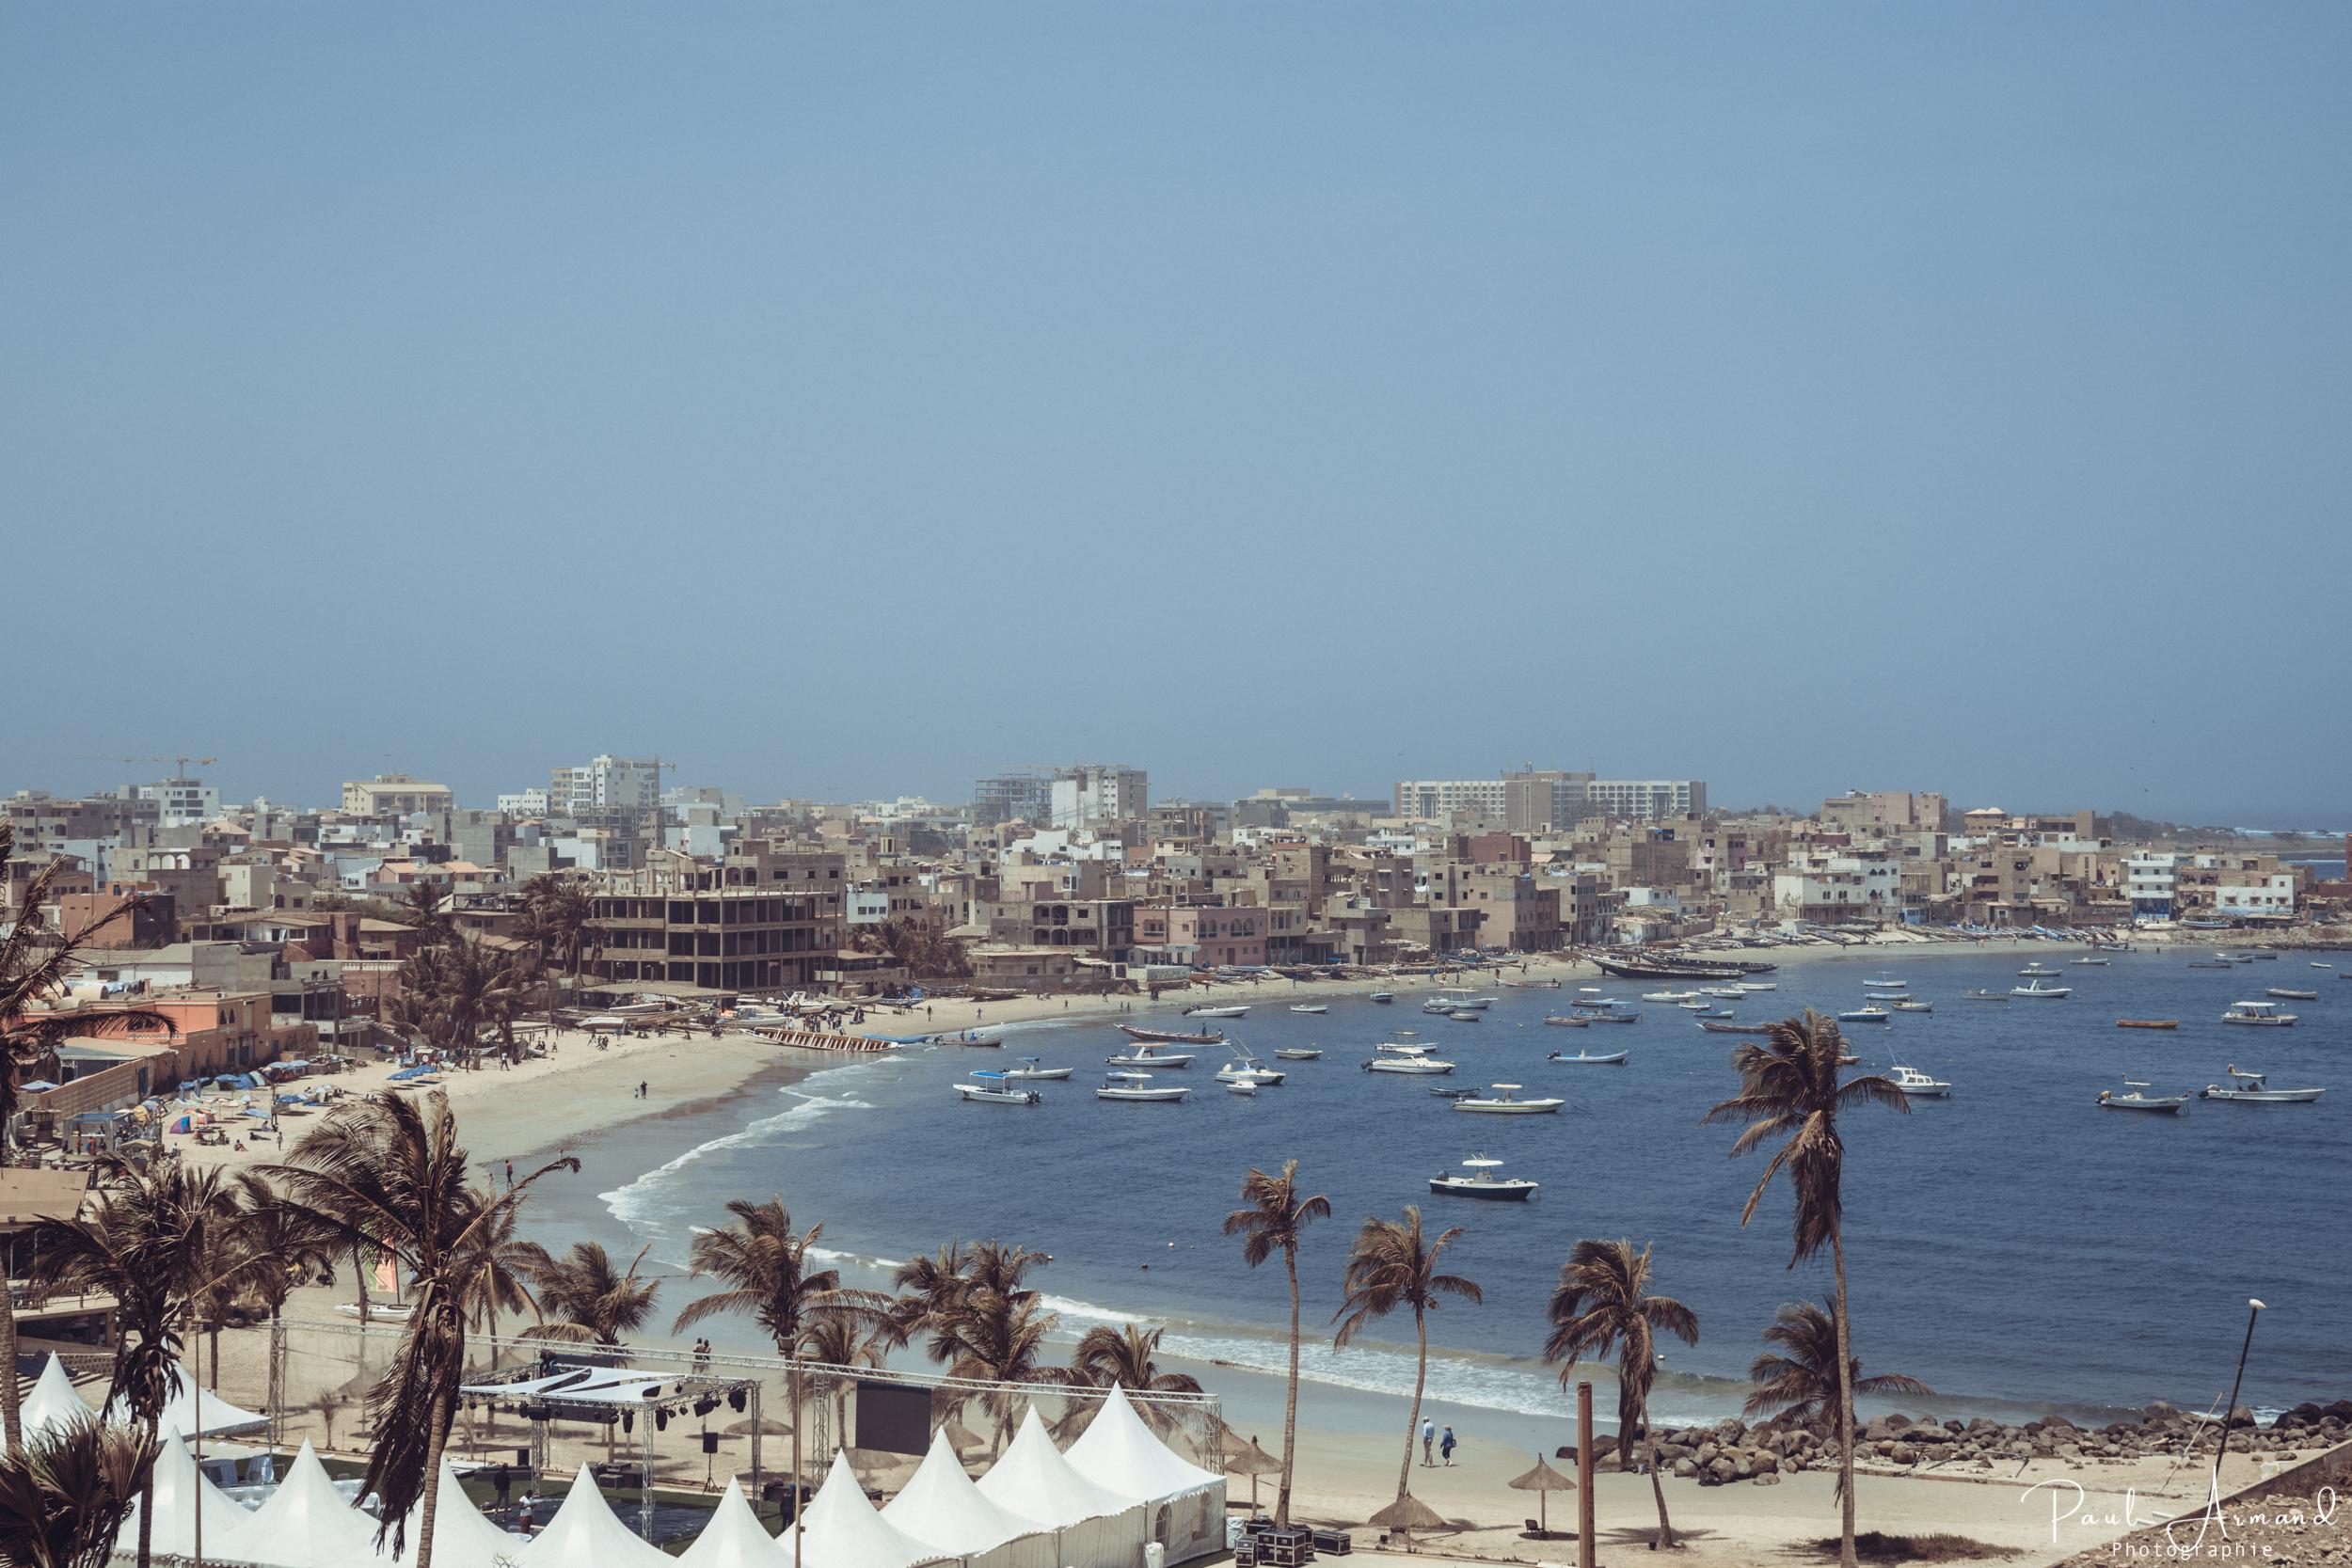 Plage de Ngor, Dakar